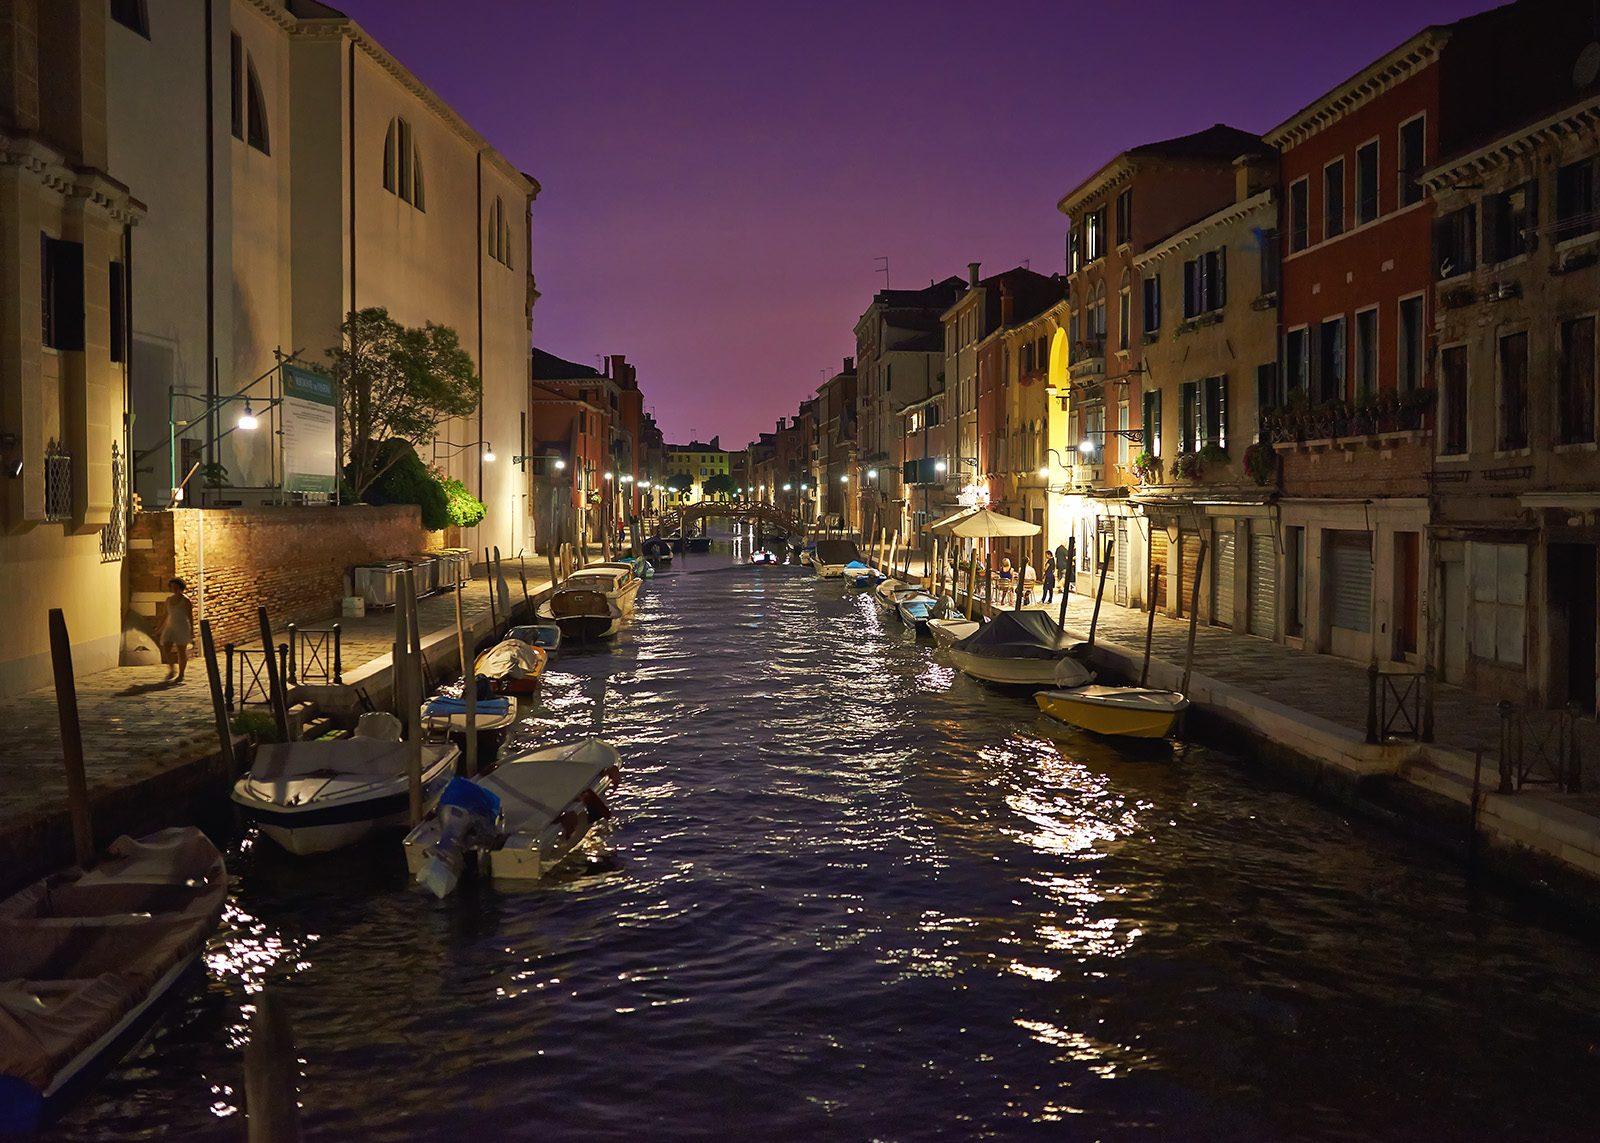 Solnedgang over kanalene i Venezia av Peder Aaserud Eikeland